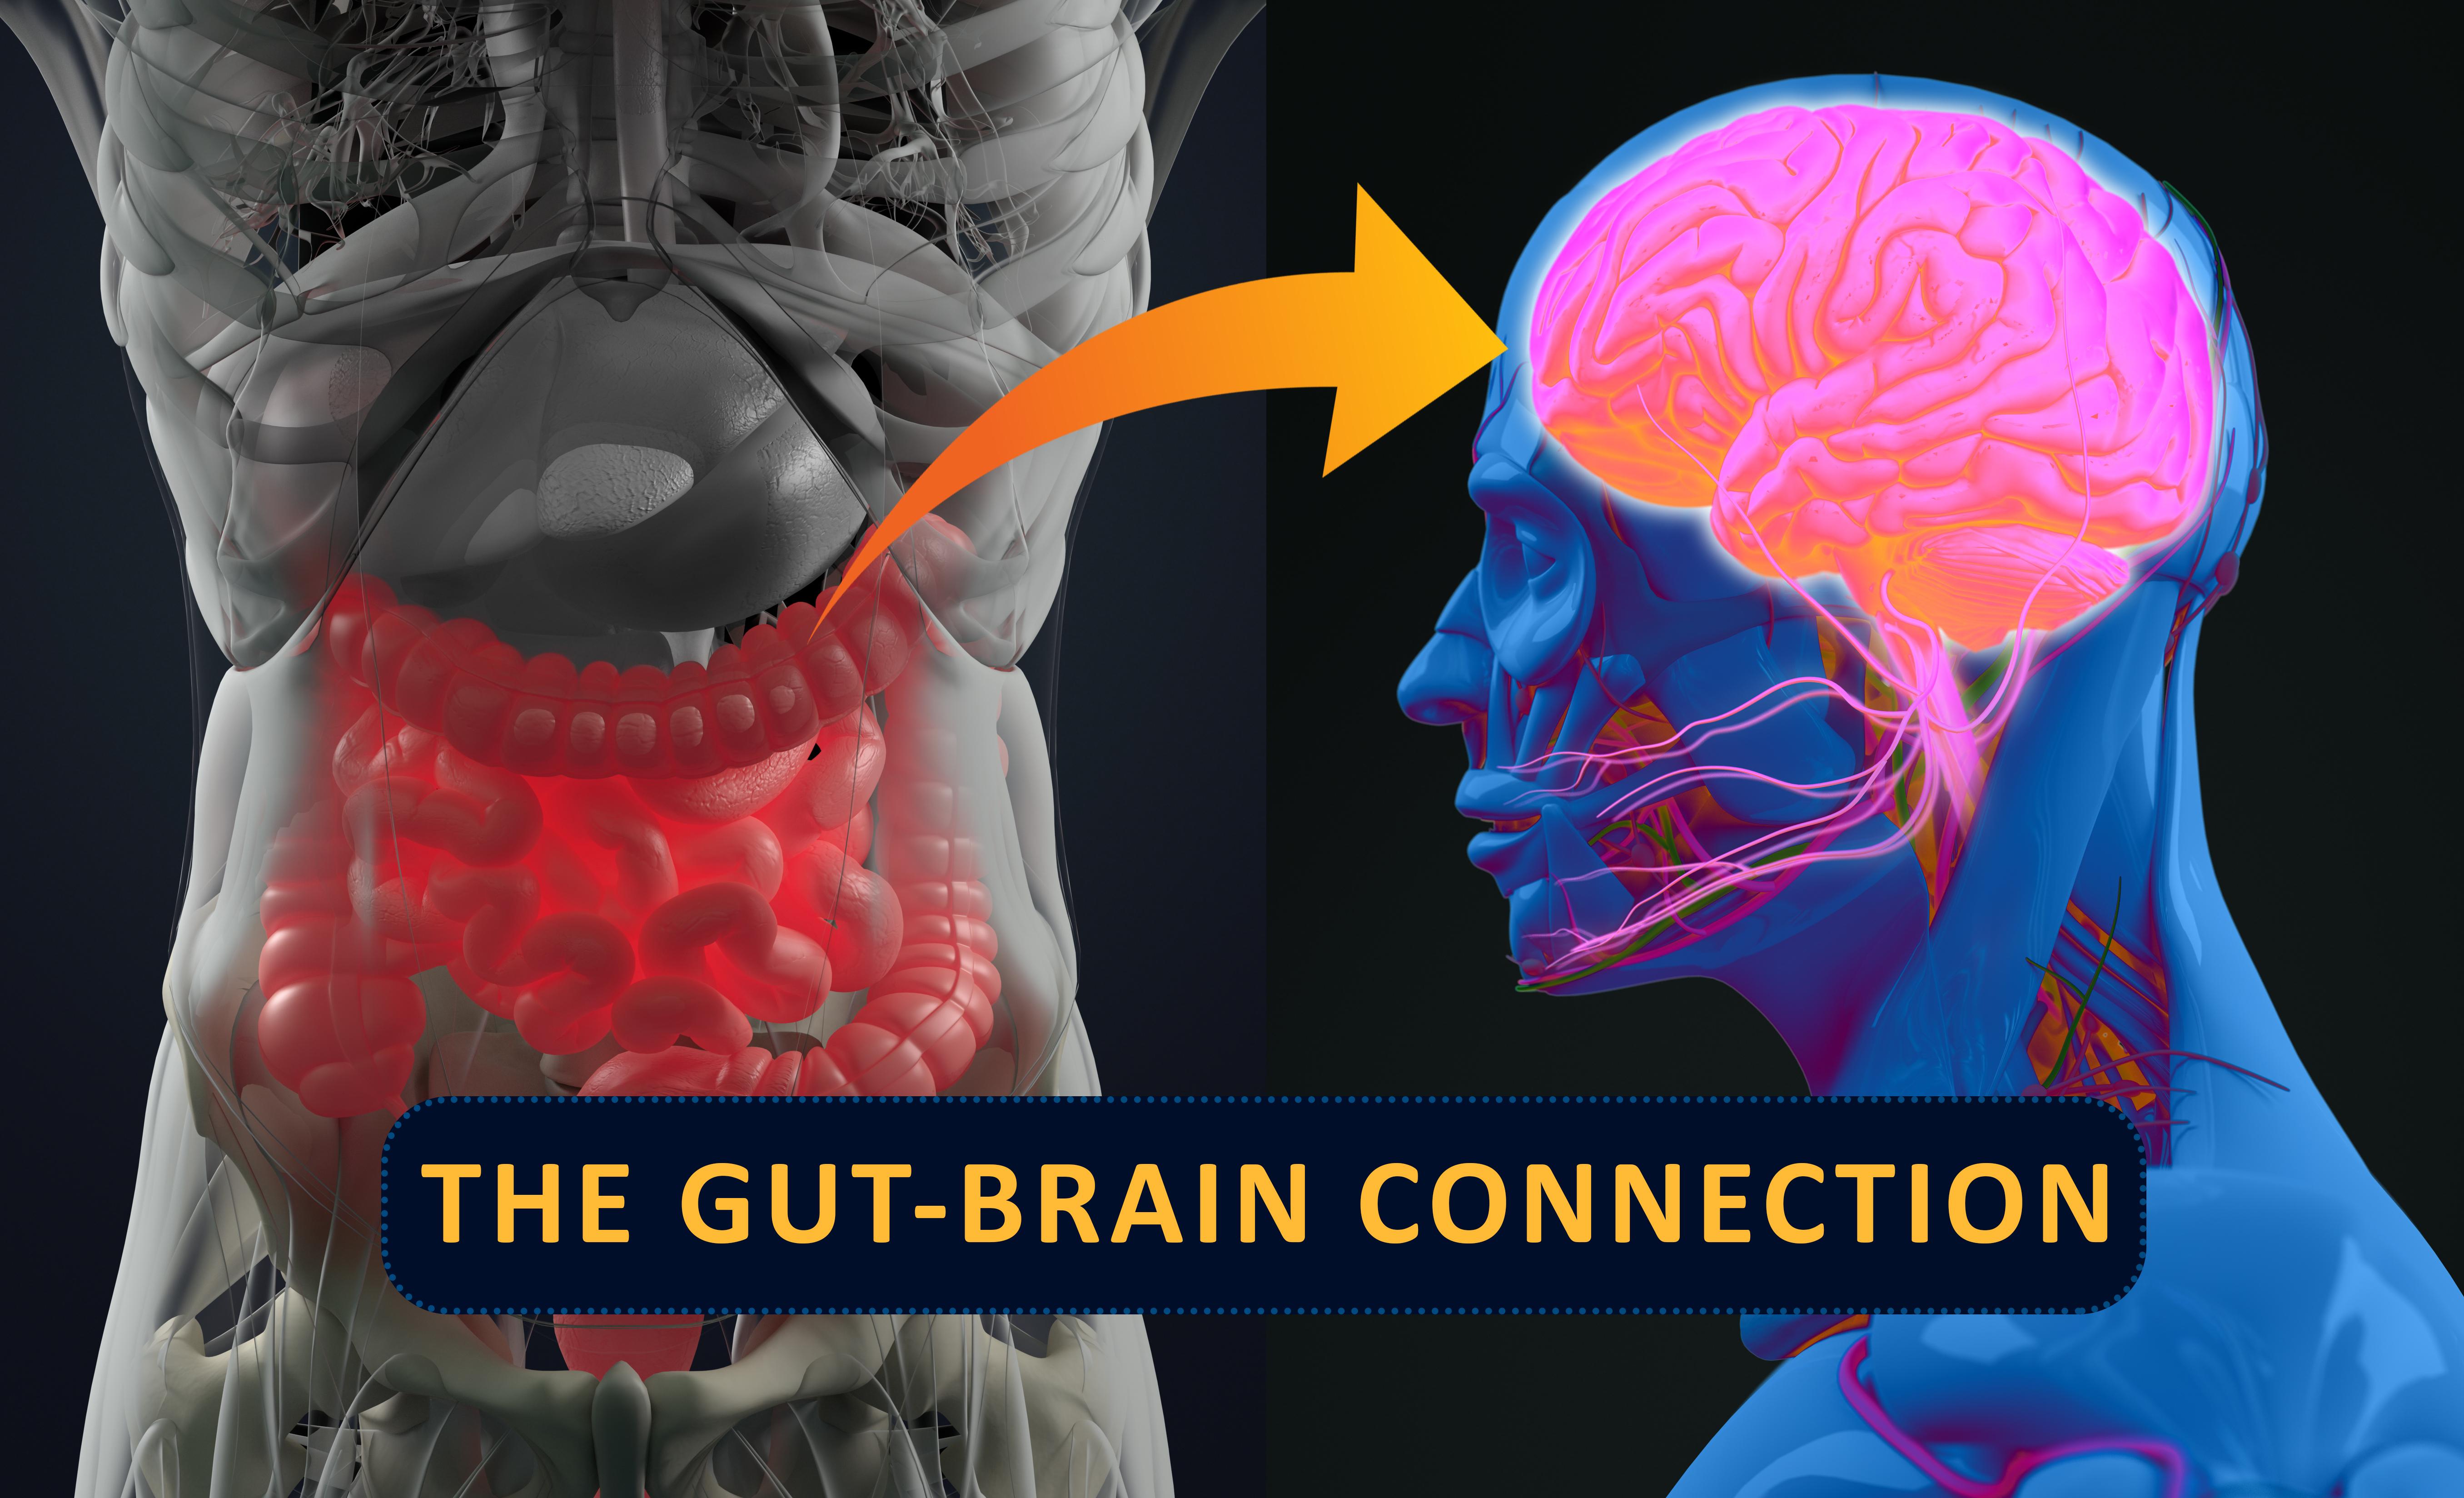 Forskning pekar mot att immunförsvaret, hormonsystemet och det neurologiska systemet, samverkar med tarmens nervsystem. Därför kan mikrobiomet (tarmfloran) ha större inverkan på vår hälsa än vad man tidigare trott.